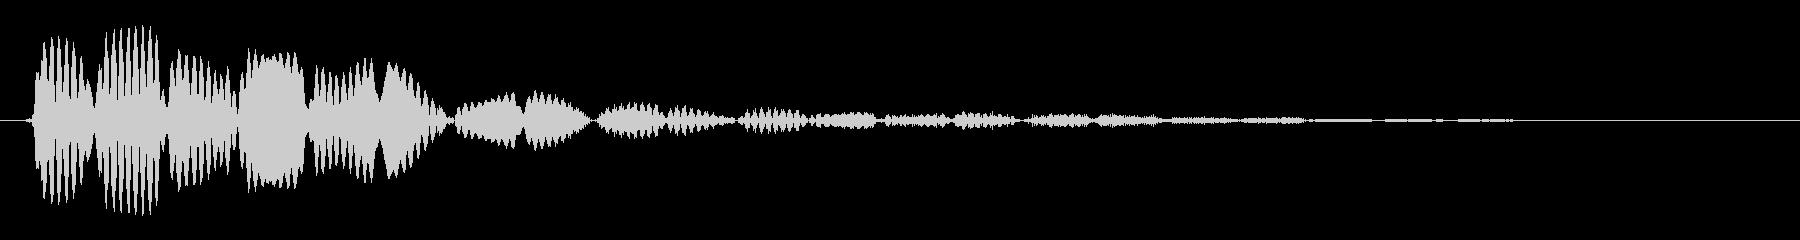 クリック音(シンプル)の未再生の波形